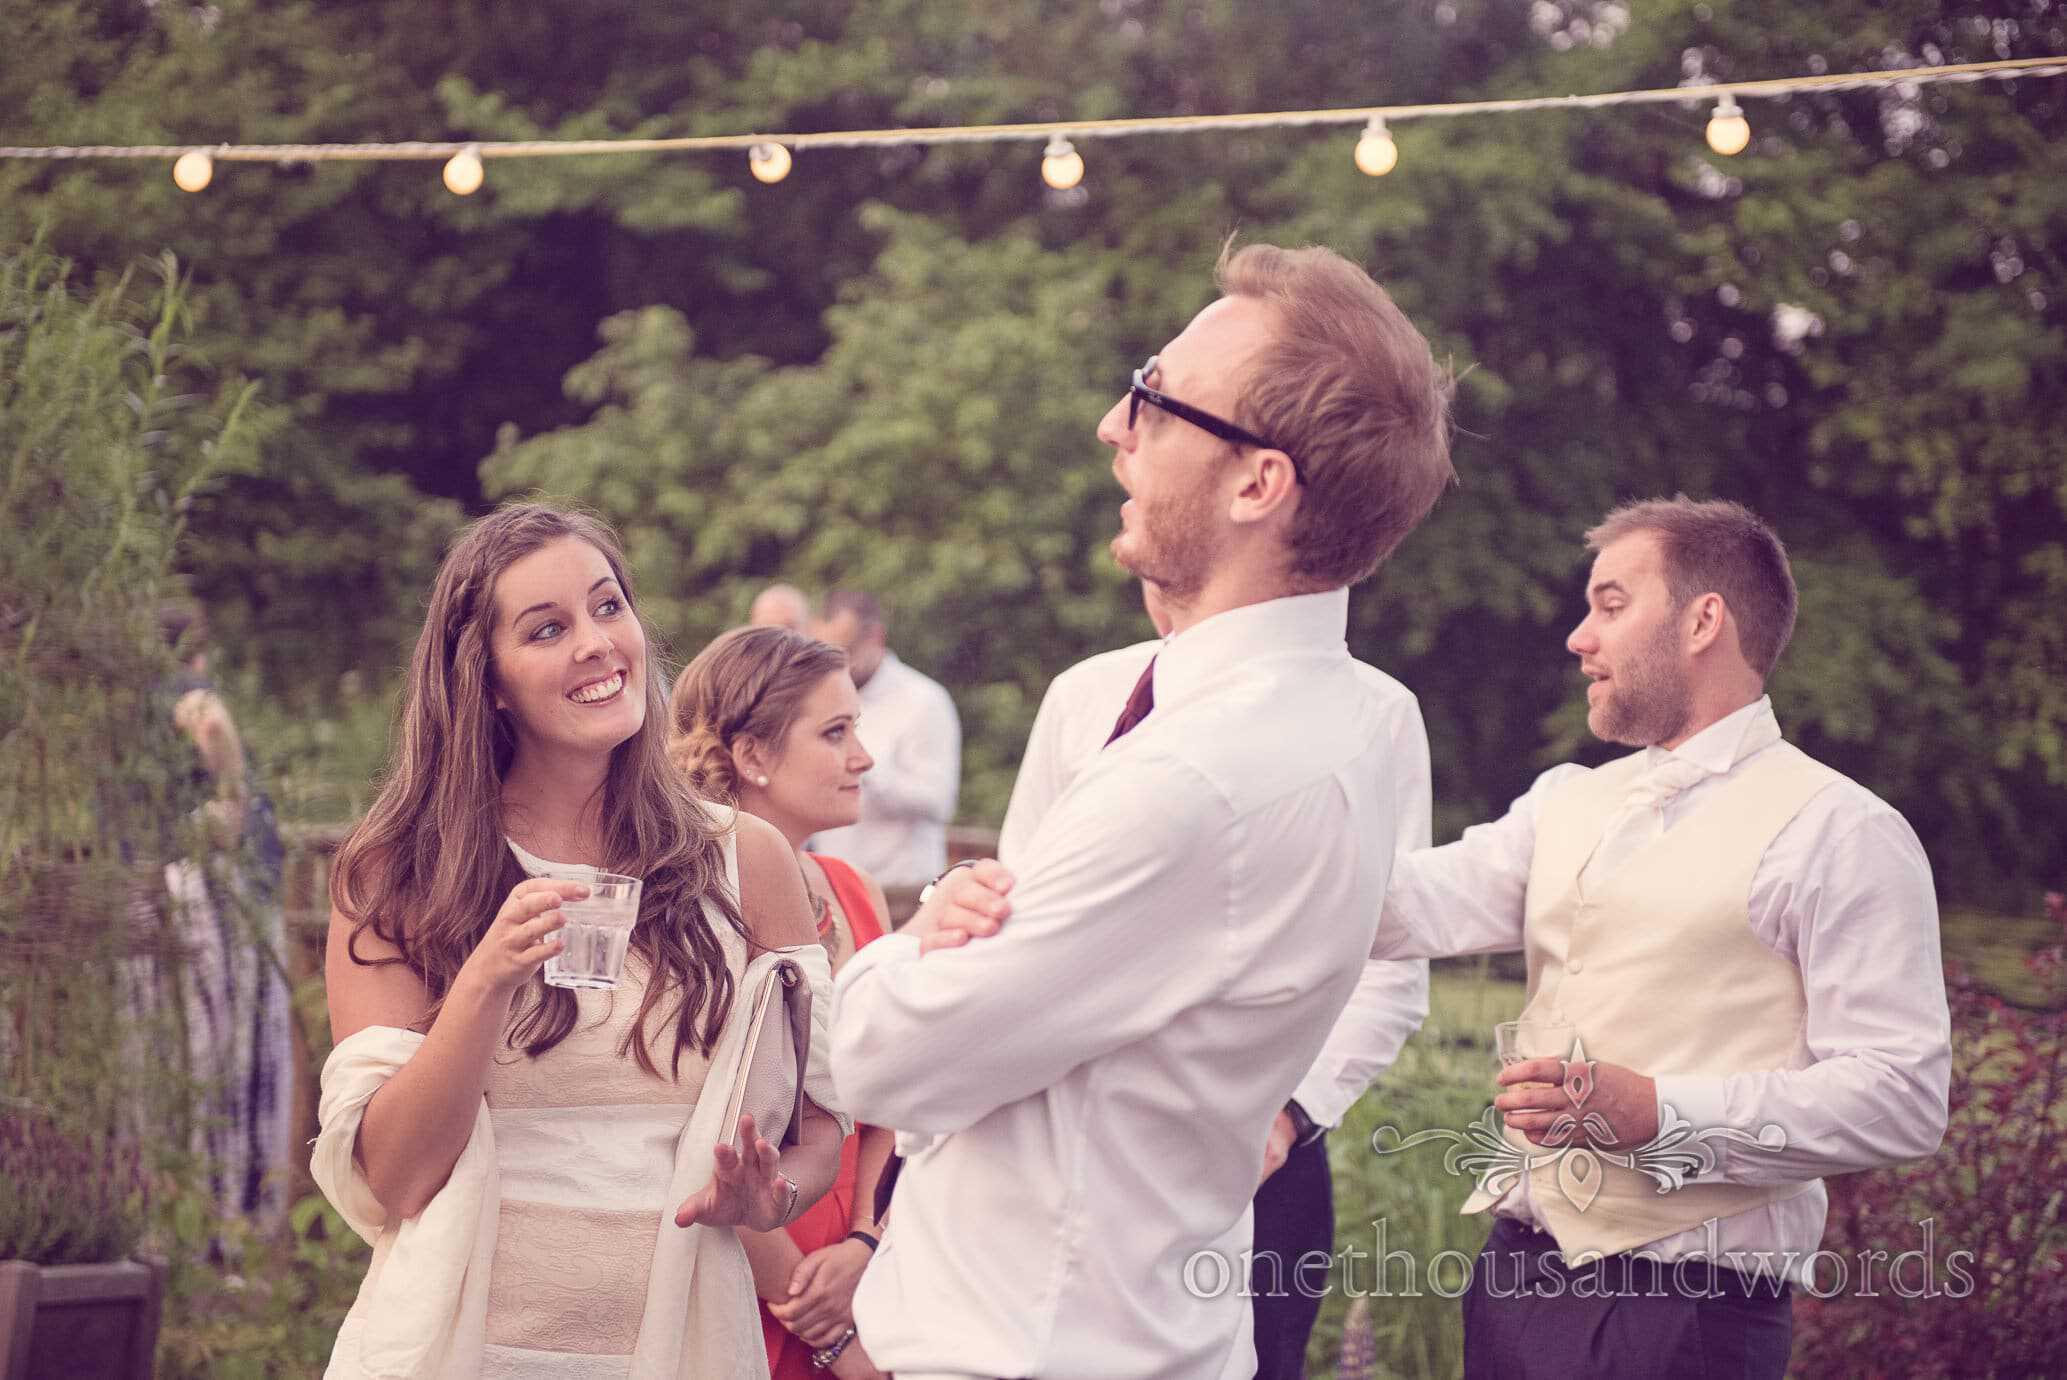 Wedding guests under festoon lighting in garden at Deans Court Wedding